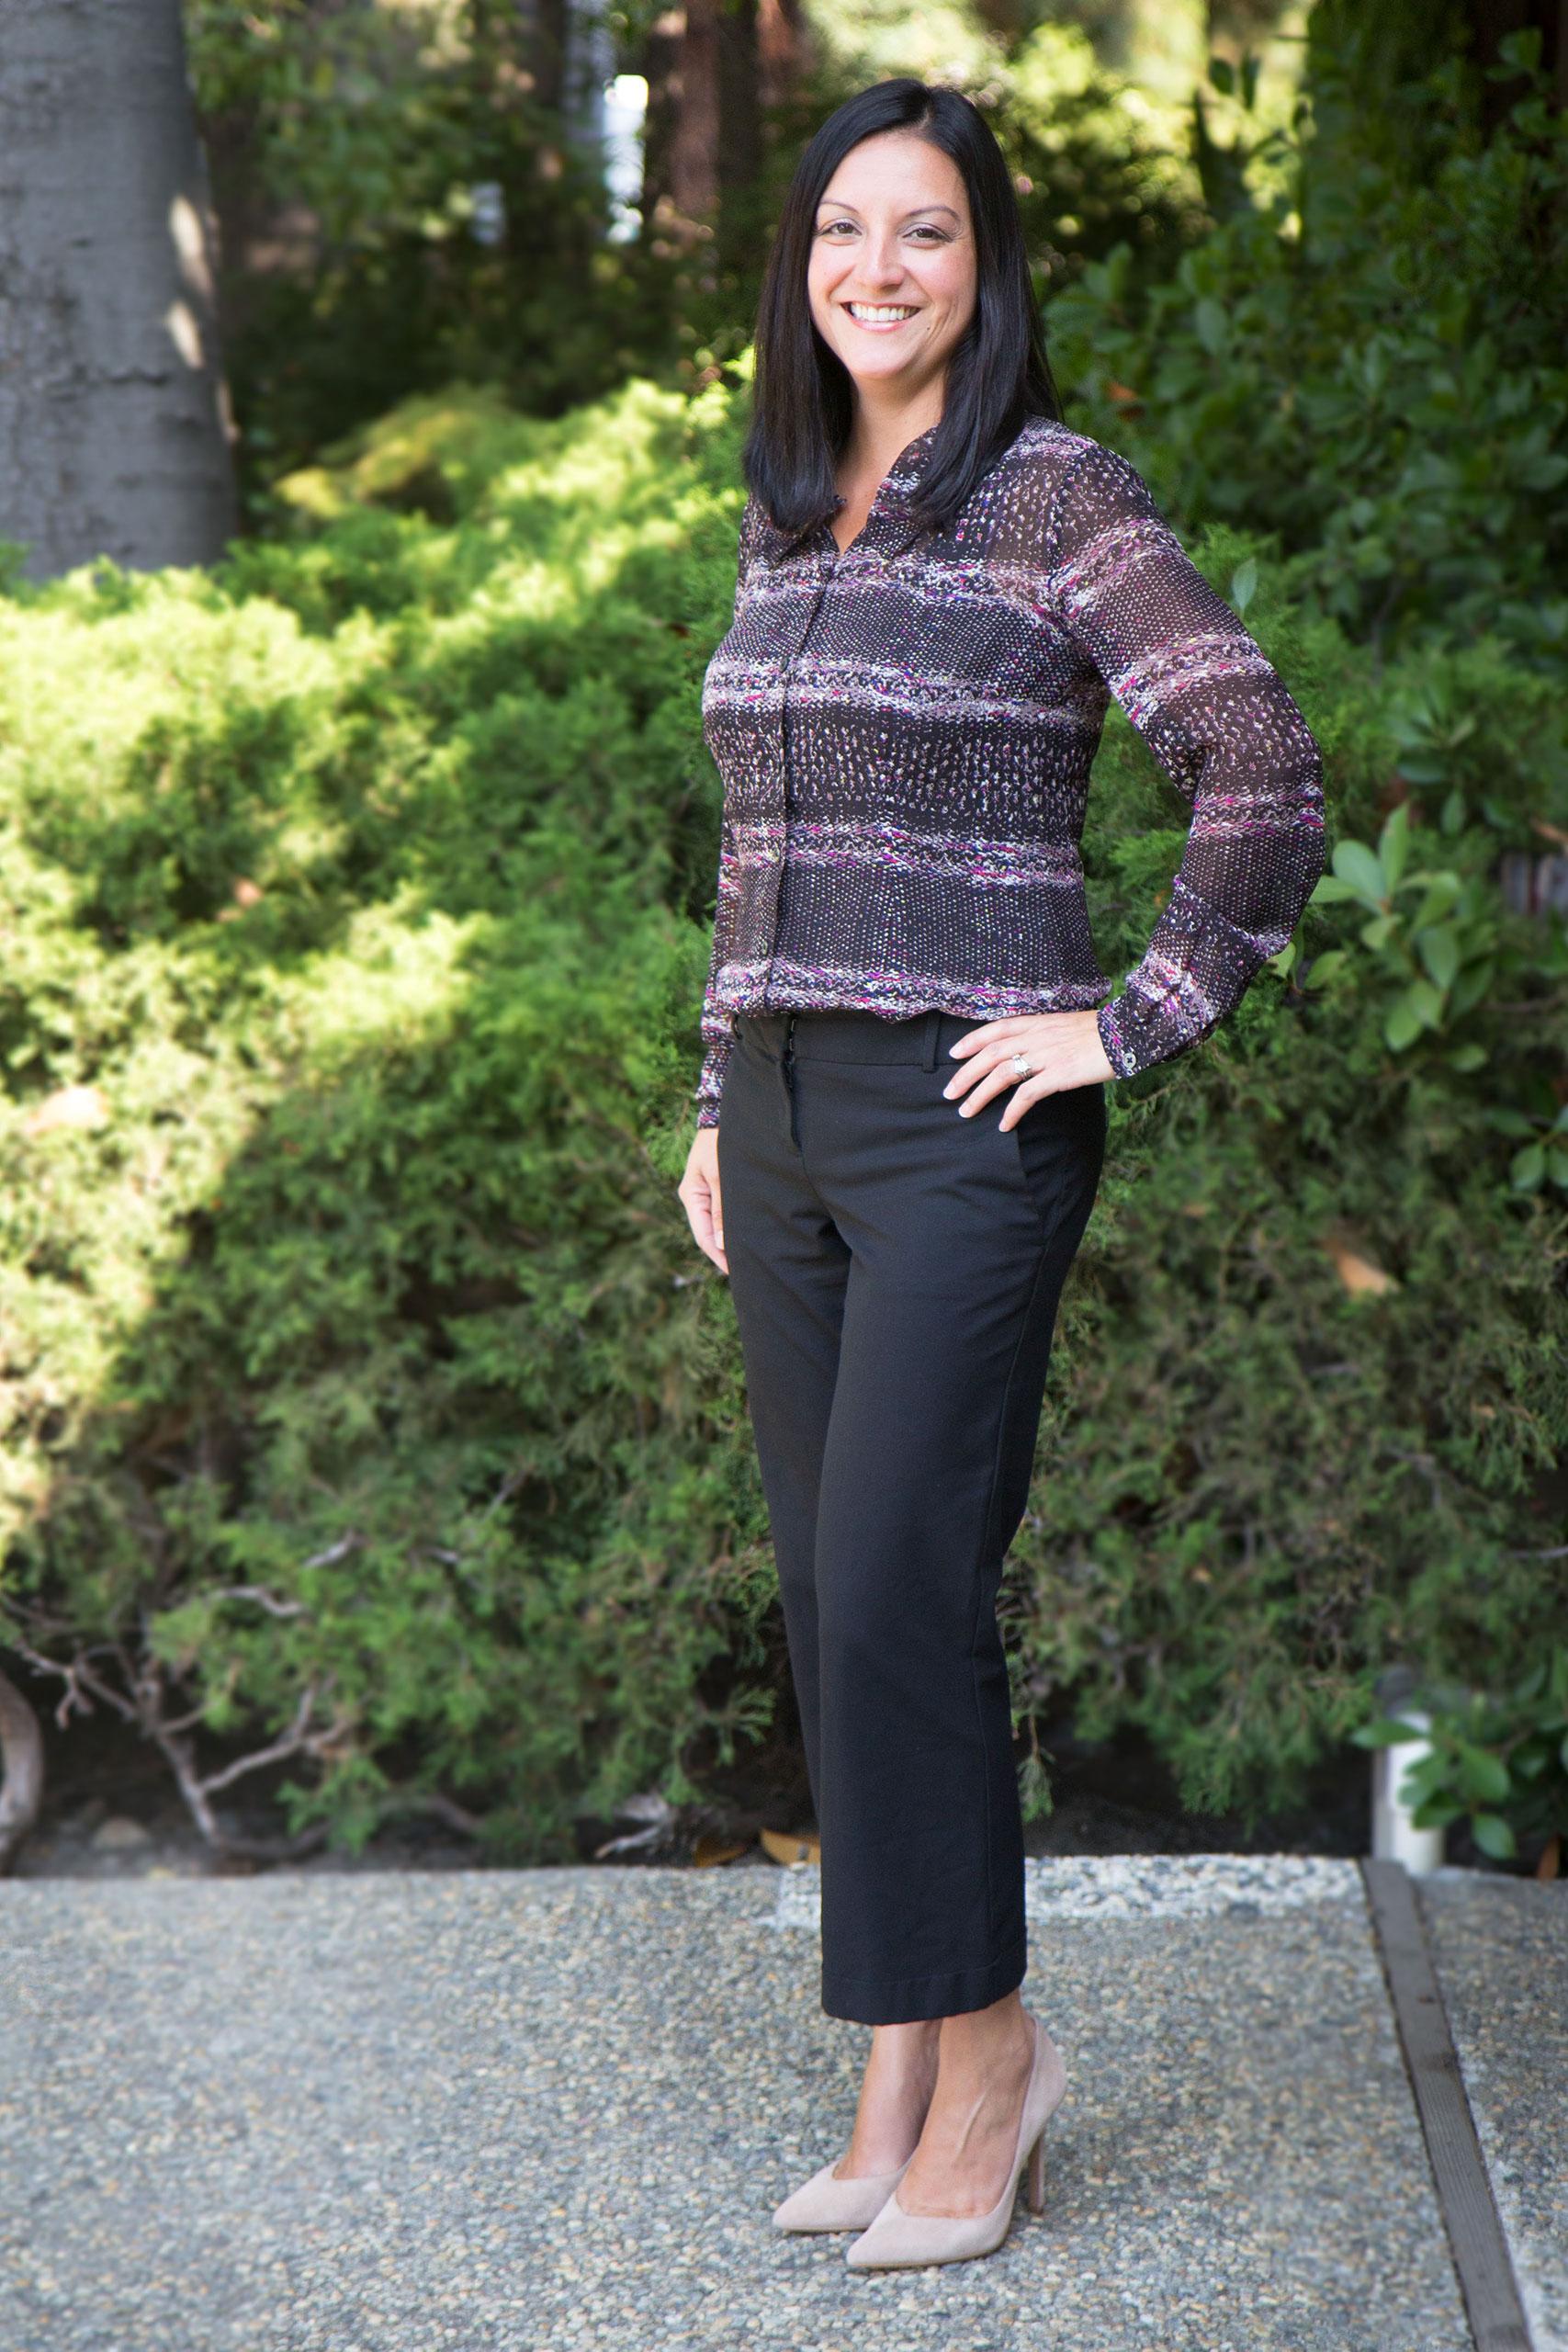 Michelle DeFalco, EA